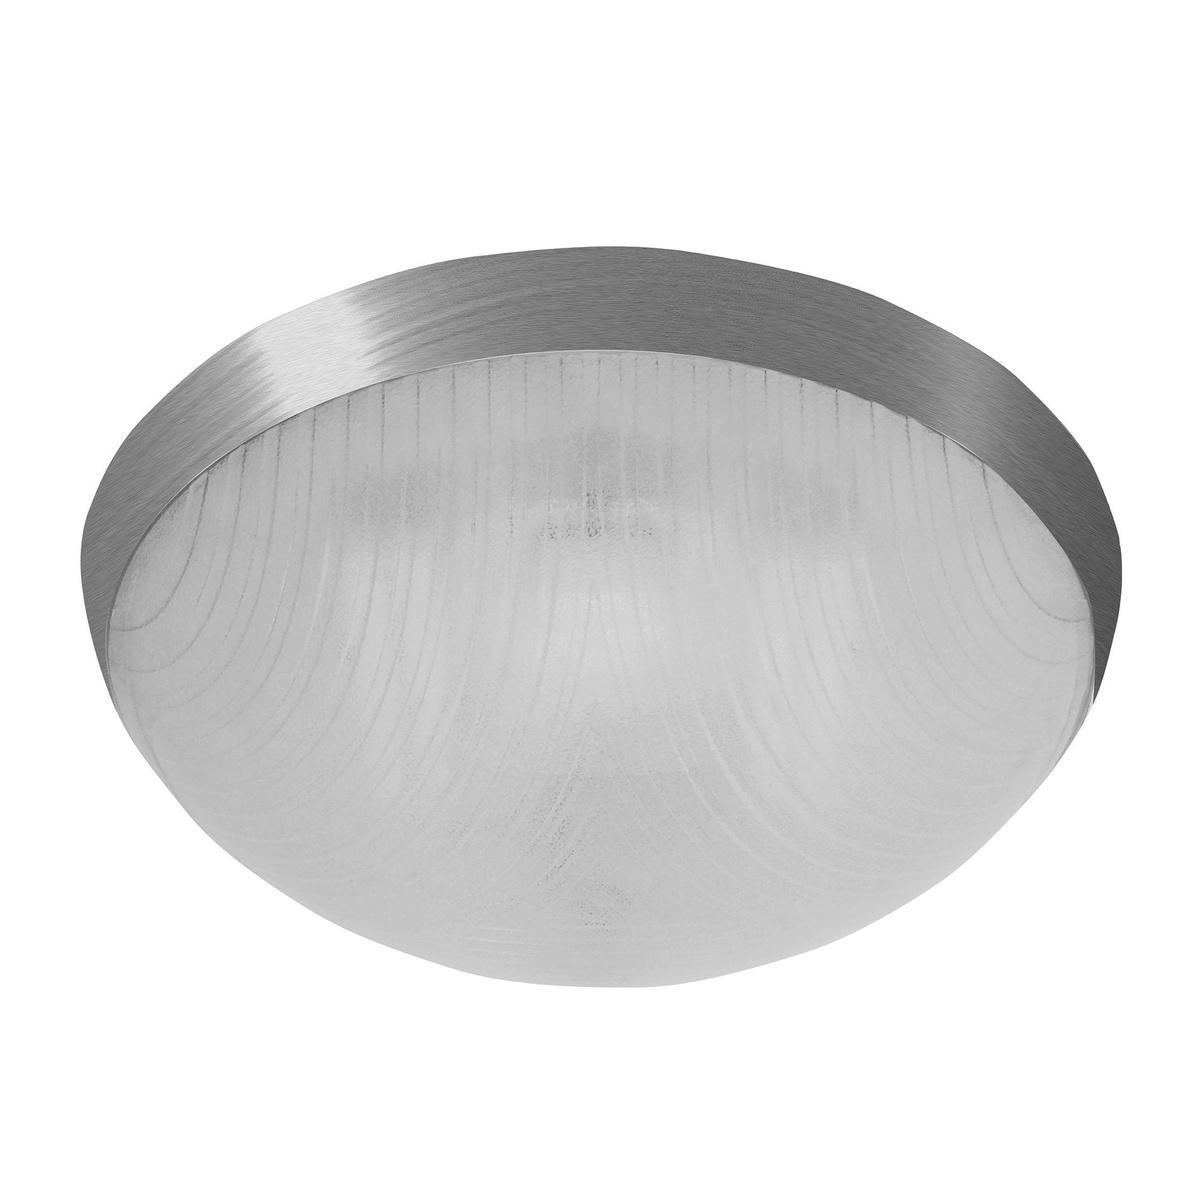 GALIA prisazené stropné a nástenné kruhové svetlo, 75W, strieborná, Panlux